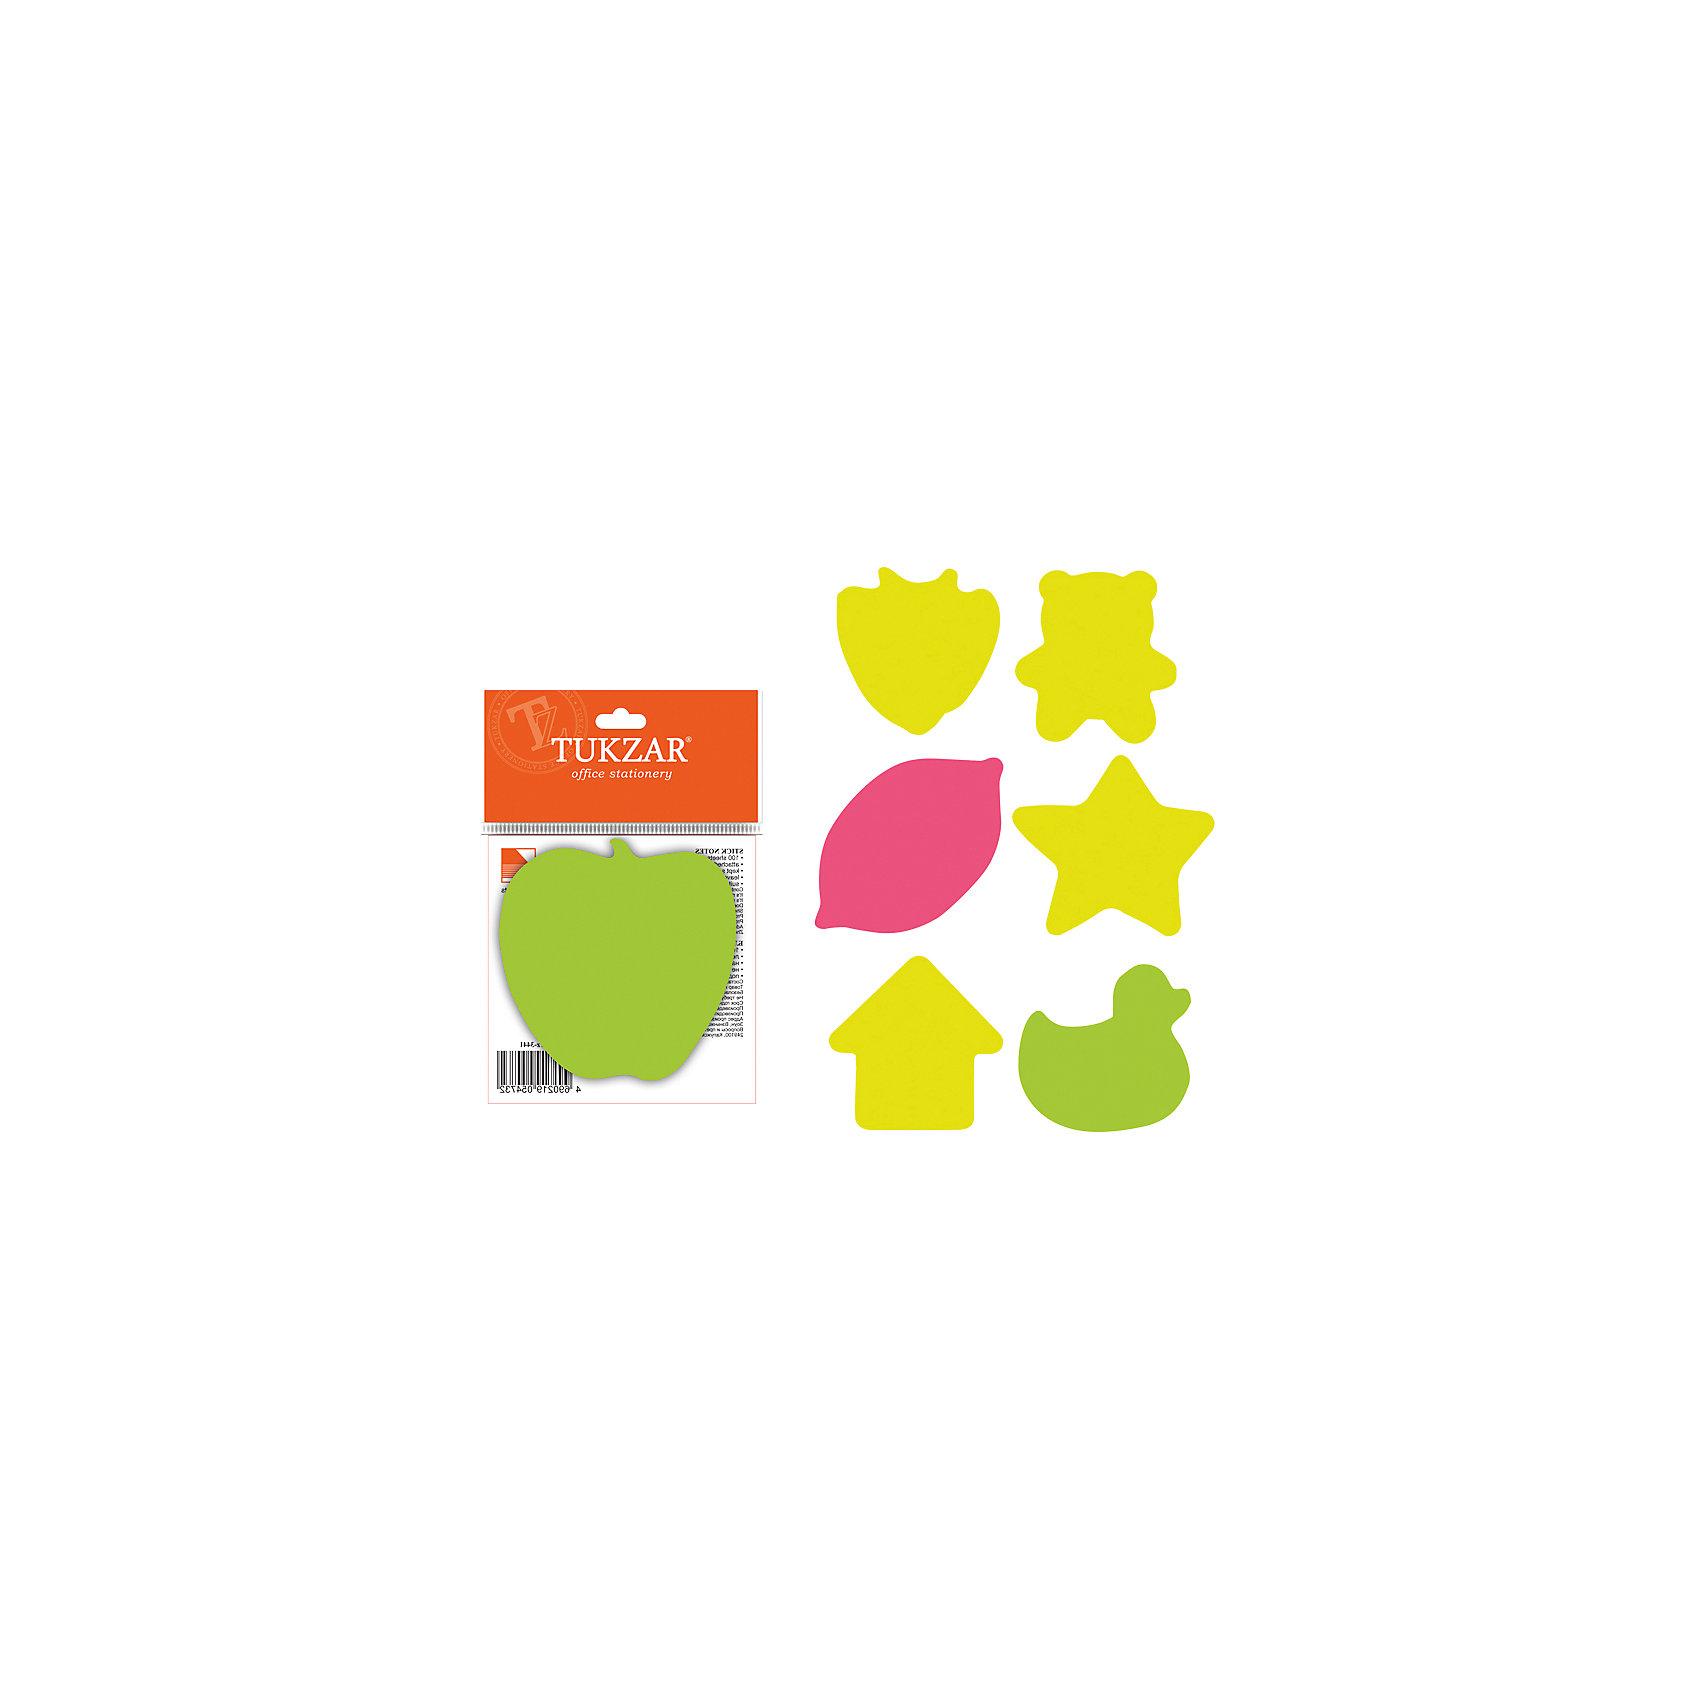 Фигурный блок с липким слоем (100 листов), в ассортиментеПоследняя цена<br>Фигурный блок с липким слоем  – отличный помощник для учебы, работы и просто повседневной жизни. Во время подготовки к школе важно уделить внимание каждой мелочи, клейкие листочки в этом всегда помогают! Если в списке предметов для учебы есть стикеры, то стоит обратить внимание на стикеры – разделители. Яркие цвета и качественный материал – визитная карточка модели. Клеевой слой достаточно прочный для крепления листов, но при этом легко открепляется, не оставляя при этом следов. Все материалы, использованные при изготовлении, отвечают международным требованиям по качеству и безопасности. Модель подходит для детей.<br><br>Дополнительная информация: <br><br>цвет: разноцветный;<br>количество: 100 страниц.<br><br>Фигурный блок с липким слоем можно приобрести в нашем магазине.<br><br>Ширина мм: 100<br>Глубина мм: 100<br>Высота мм: 10<br>Вес г: 50<br>Возраст от месяцев: 36<br>Возраст до месяцев: 120<br>Пол: Унисекс<br>Возраст: Детский<br>SKU: 4993542